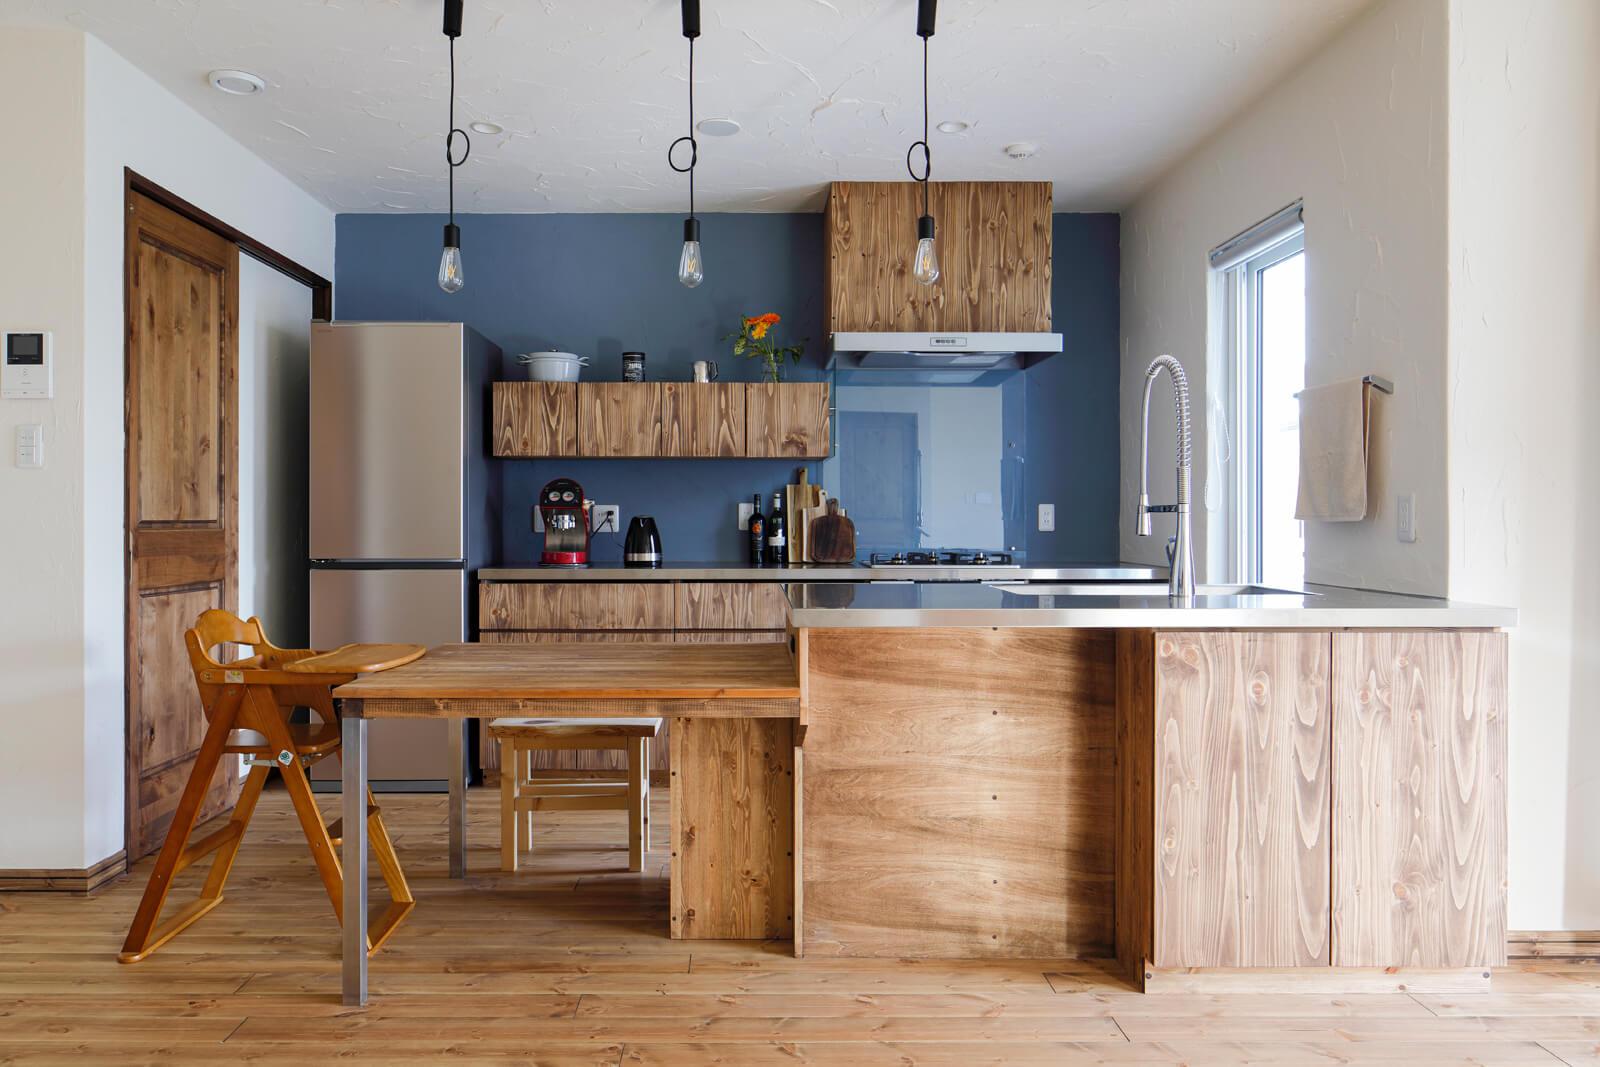 木のキッチンは、レンジフードカバーも造作して統一感をもたせた。作業性を考え、何度もプランを練り直したという